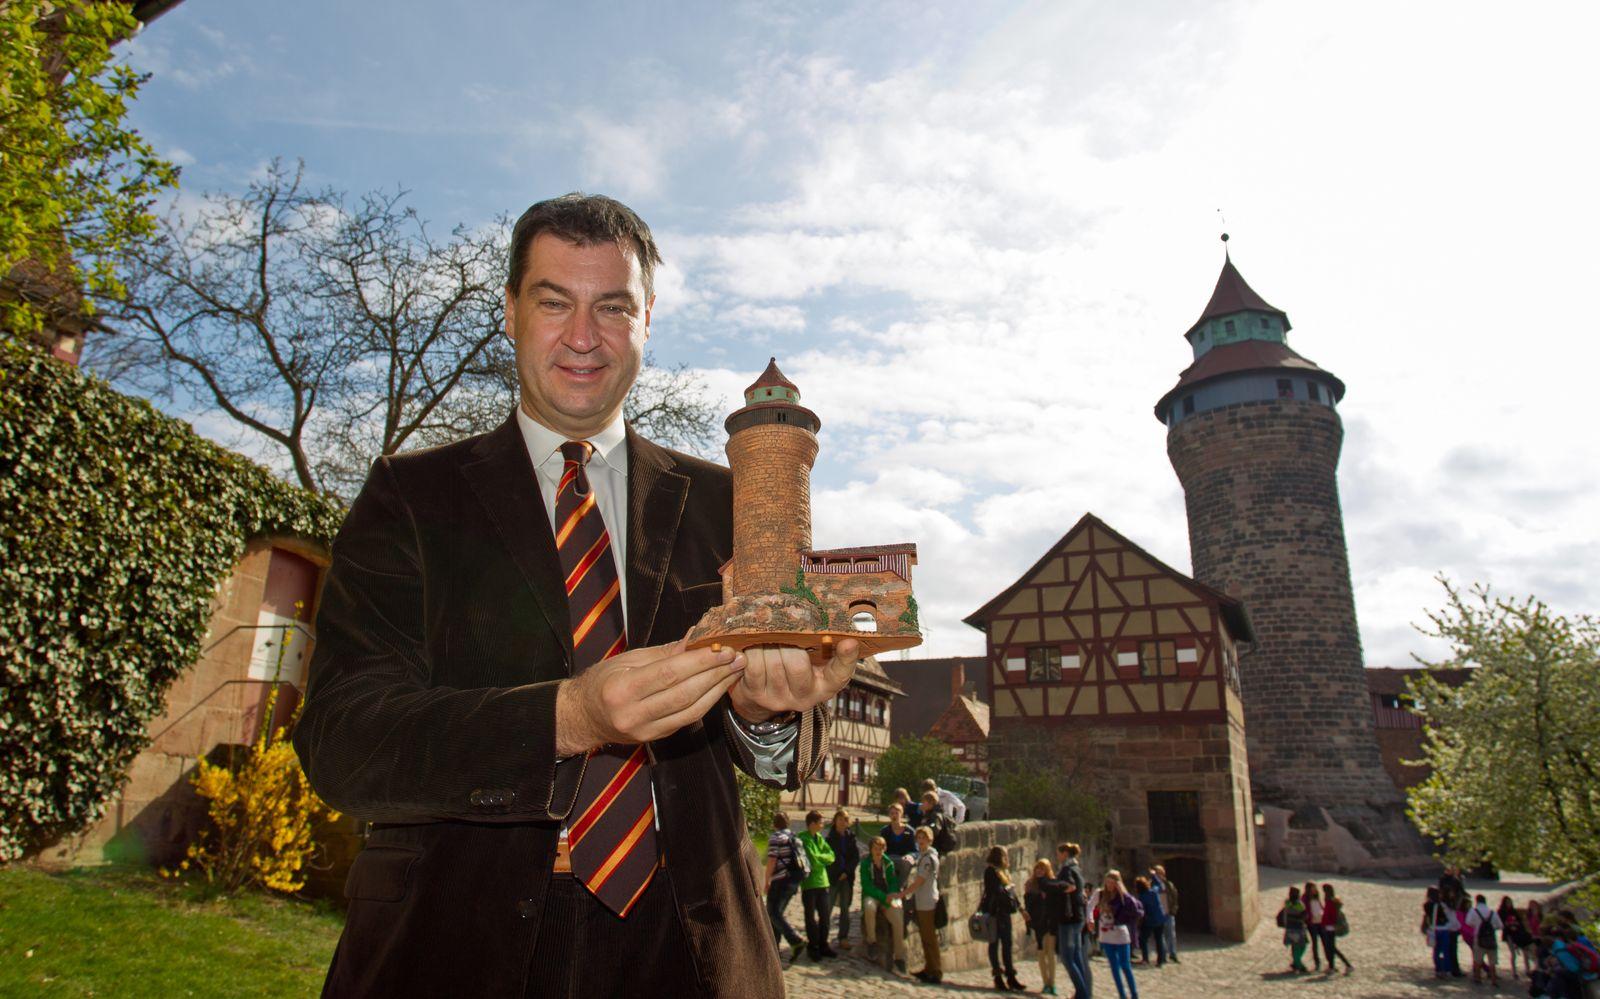 Markus Söder / Nürnberger Burg